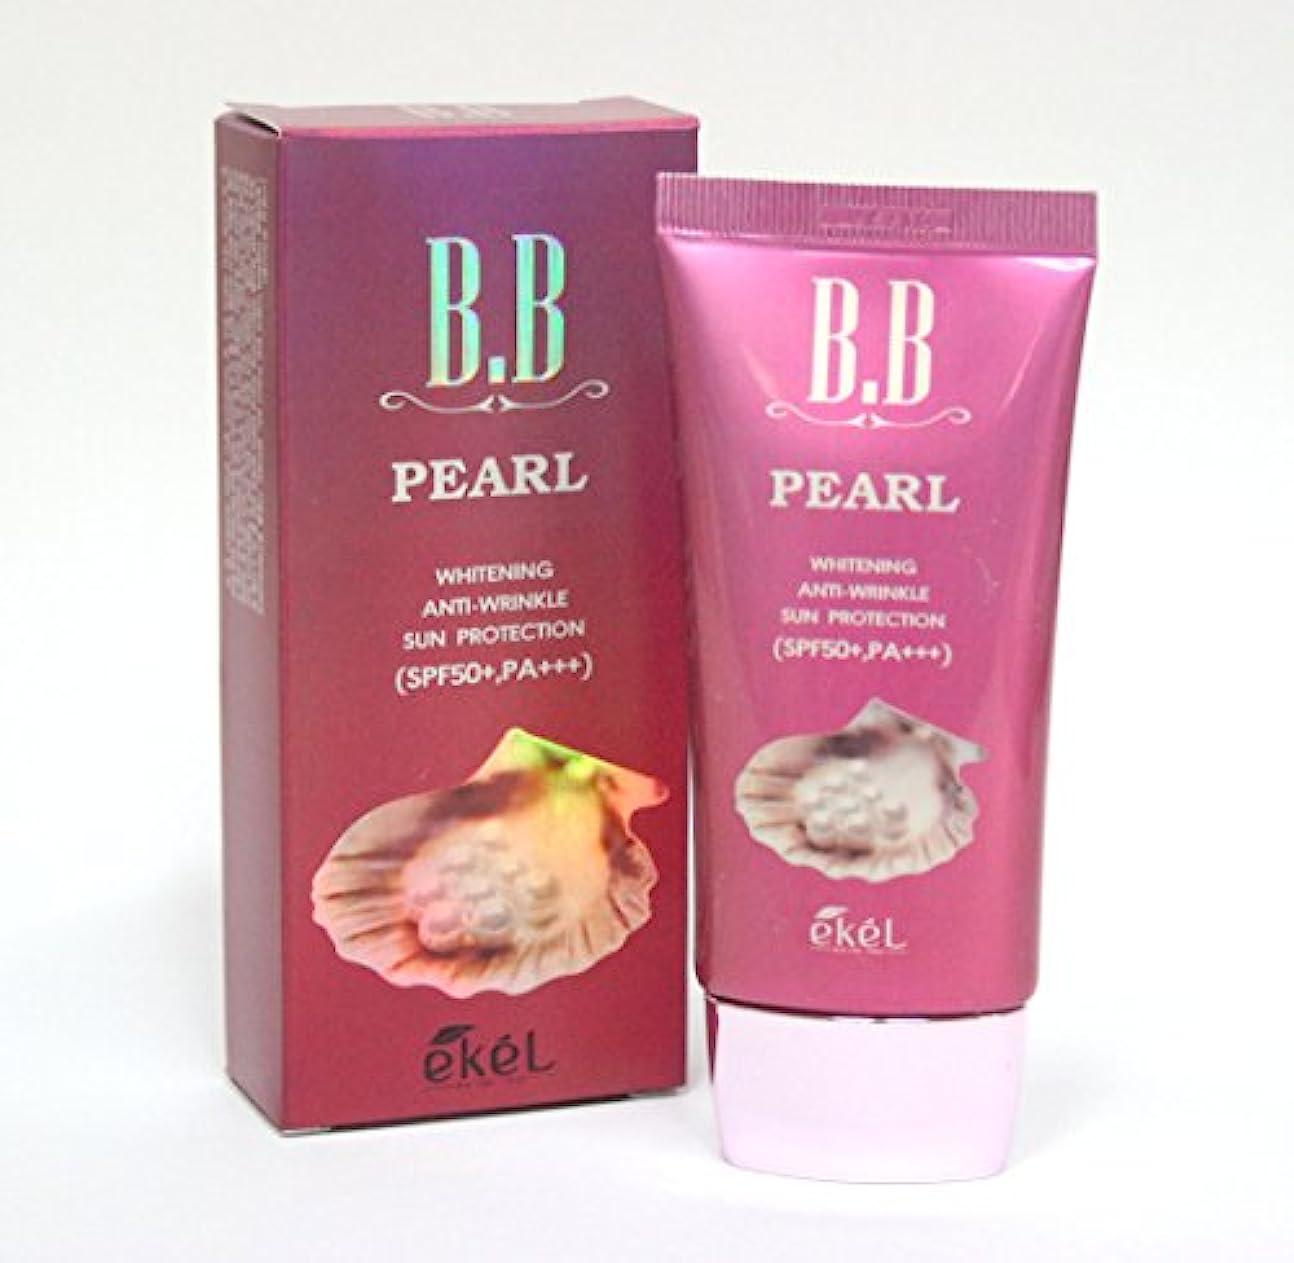 リスク異なる新しさ[Ekel] パールBBクリーム50ml / Pearl BB Cream 50ml / ホワイトニング、アンチリンクル、日焼け防止SPF50 + PA +++ / Whitening, Anti-wrinkle, Sun...